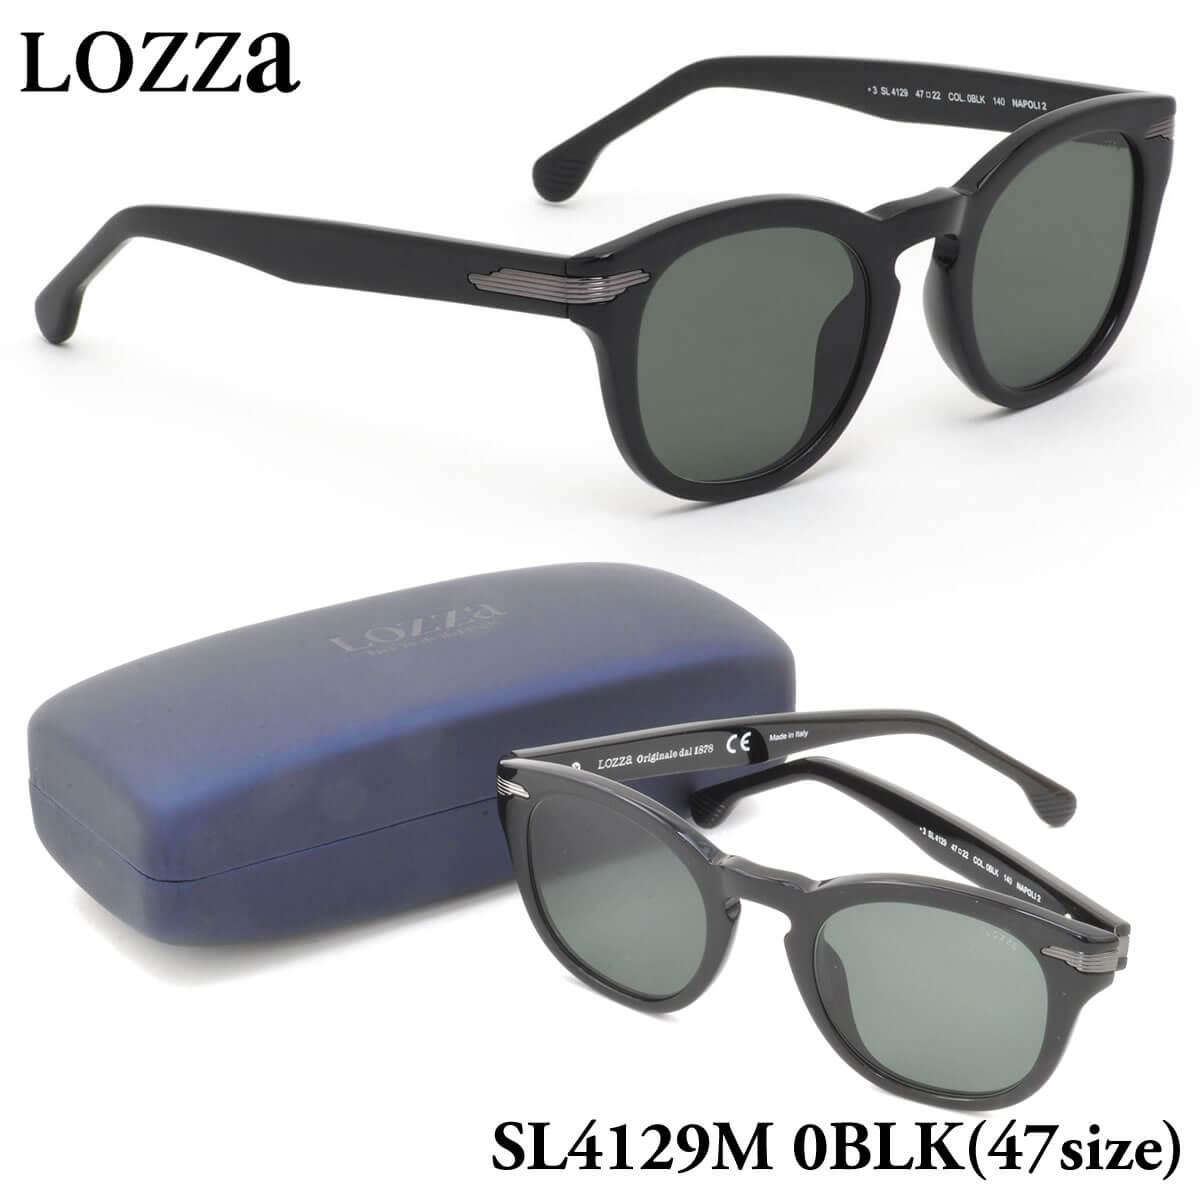 ほぼ全品ポイント15倍~最大43倍+3倍!お得なクーポンも! 【ロッツァ】 (LOZZA) サングラスSL4129M 0BLK 47サイズNAPOLI 2 LOZZA メンズ レディース